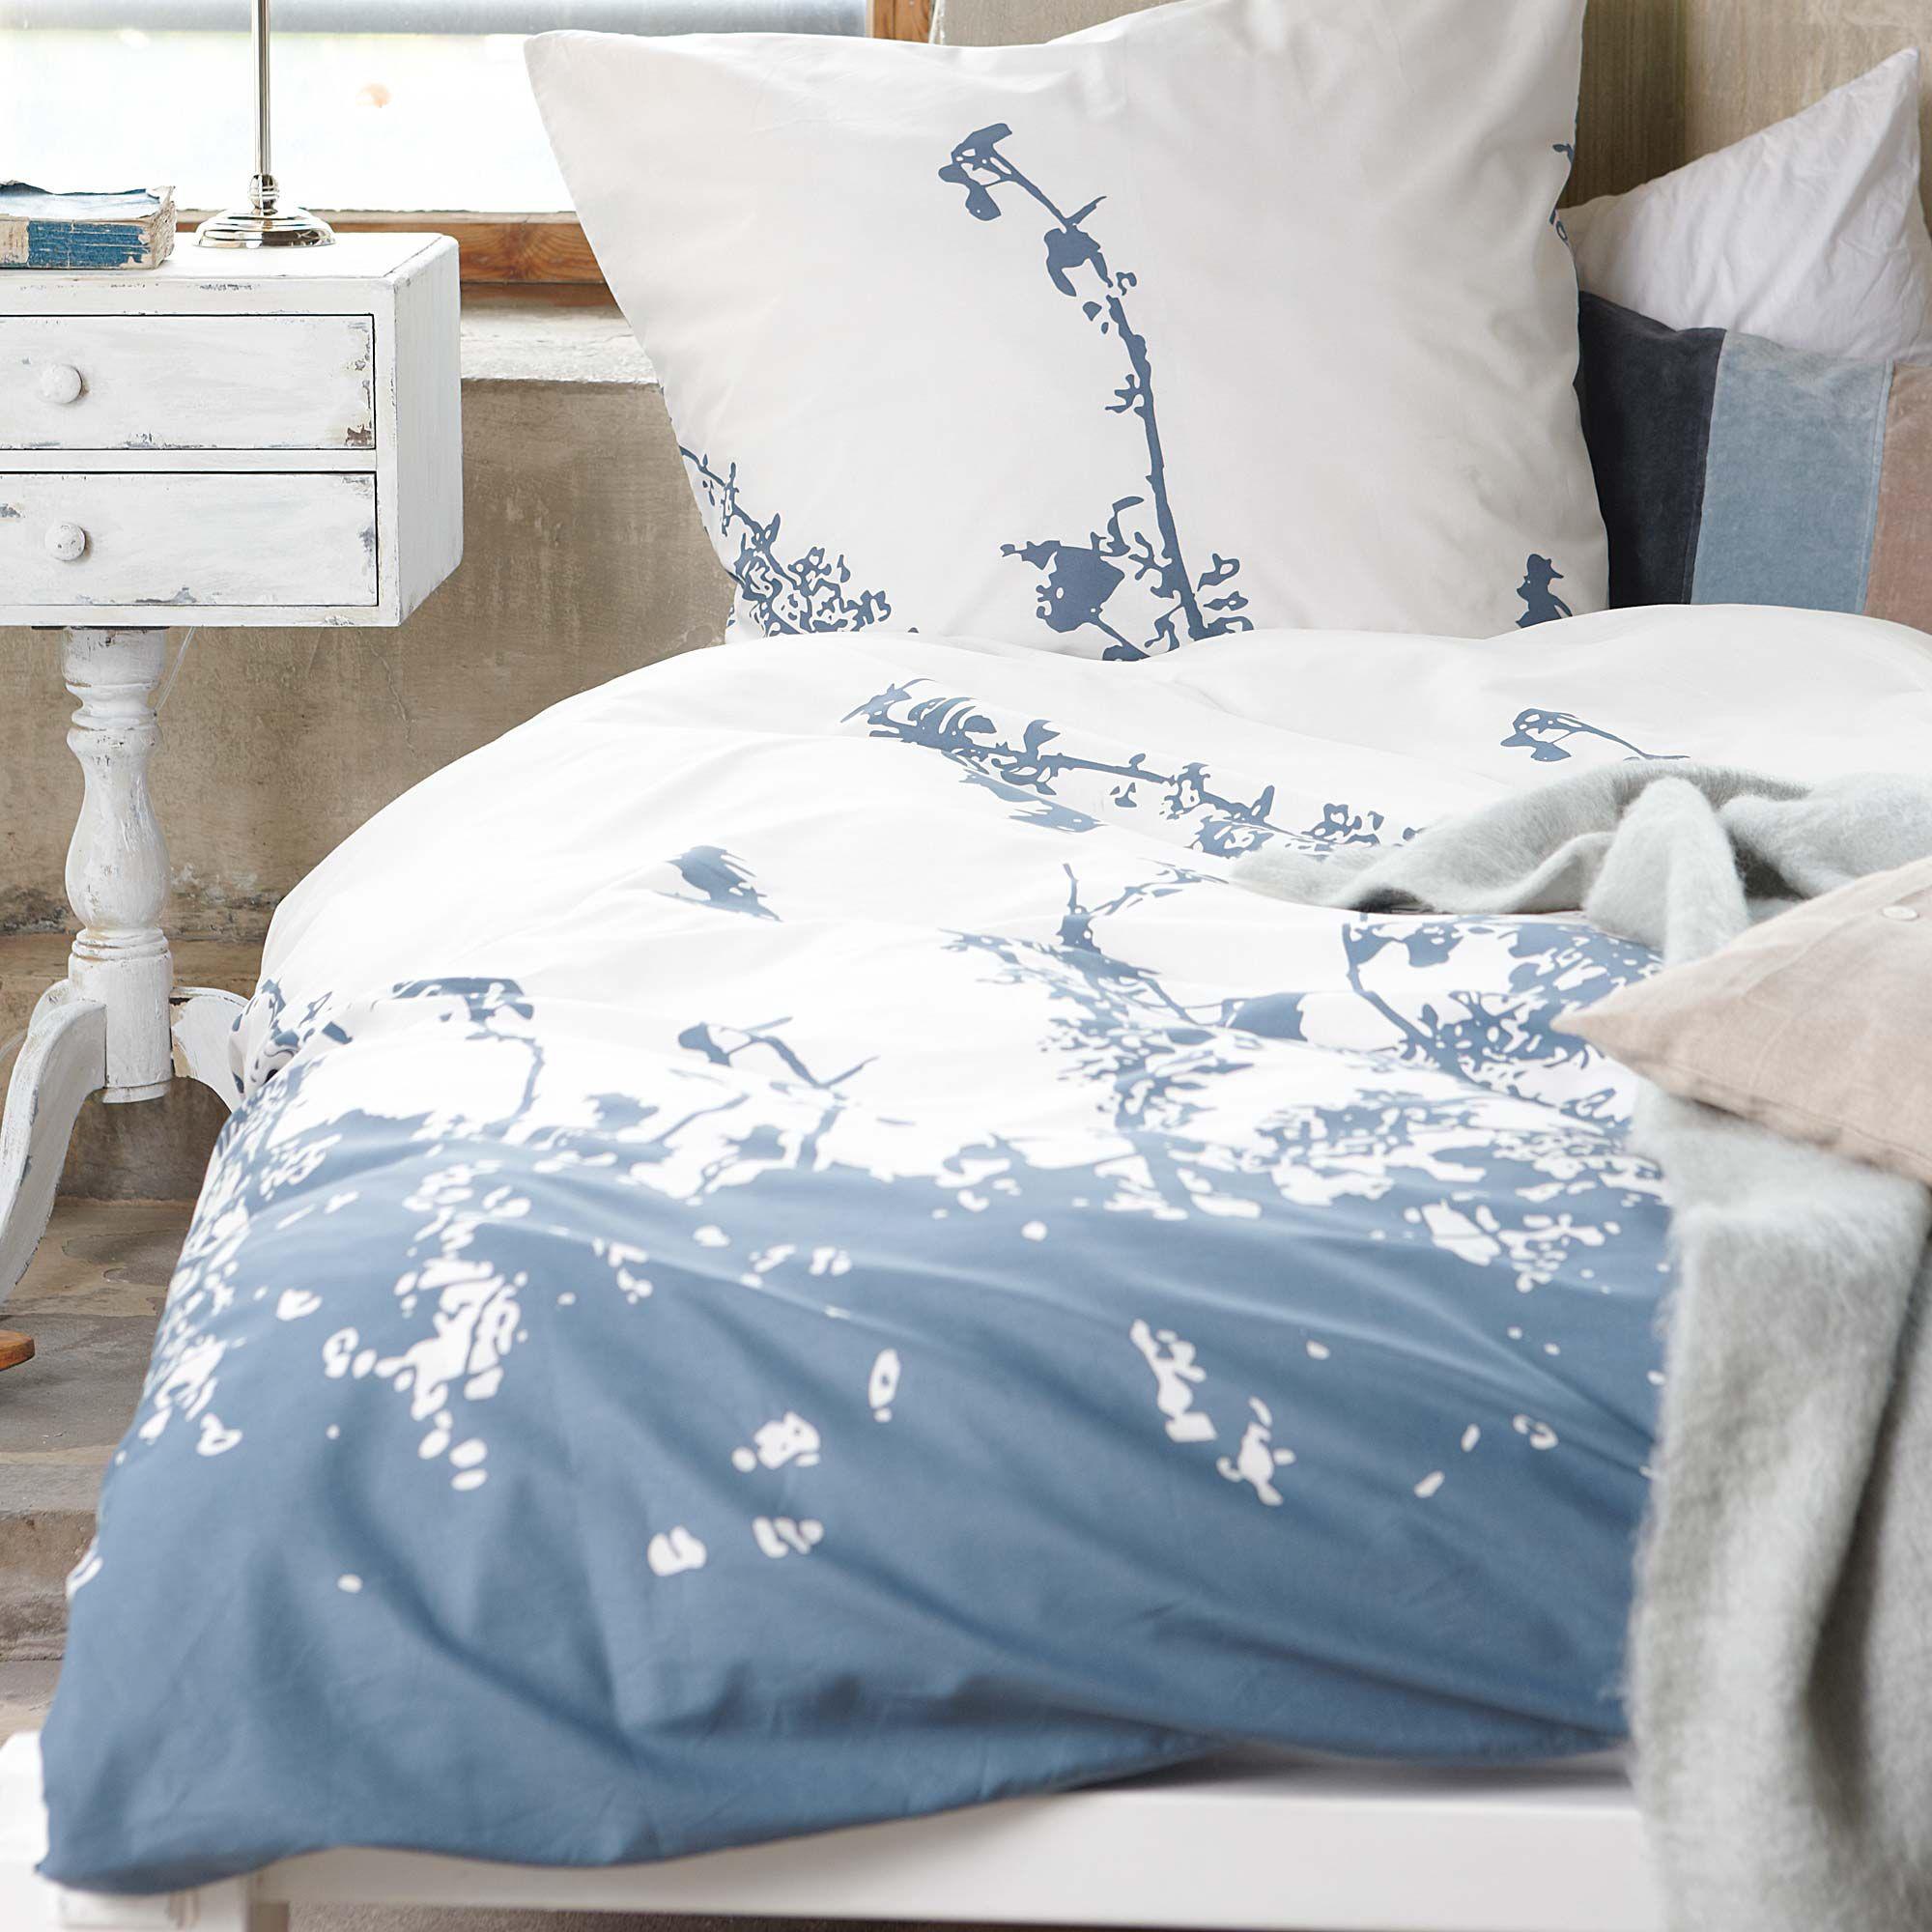 bettw sche mit abstraktem blumenmuster impressionen schlafzimmer pinterest blue bedding. Black Bedroom Furniture Sets. Home Design Ideas